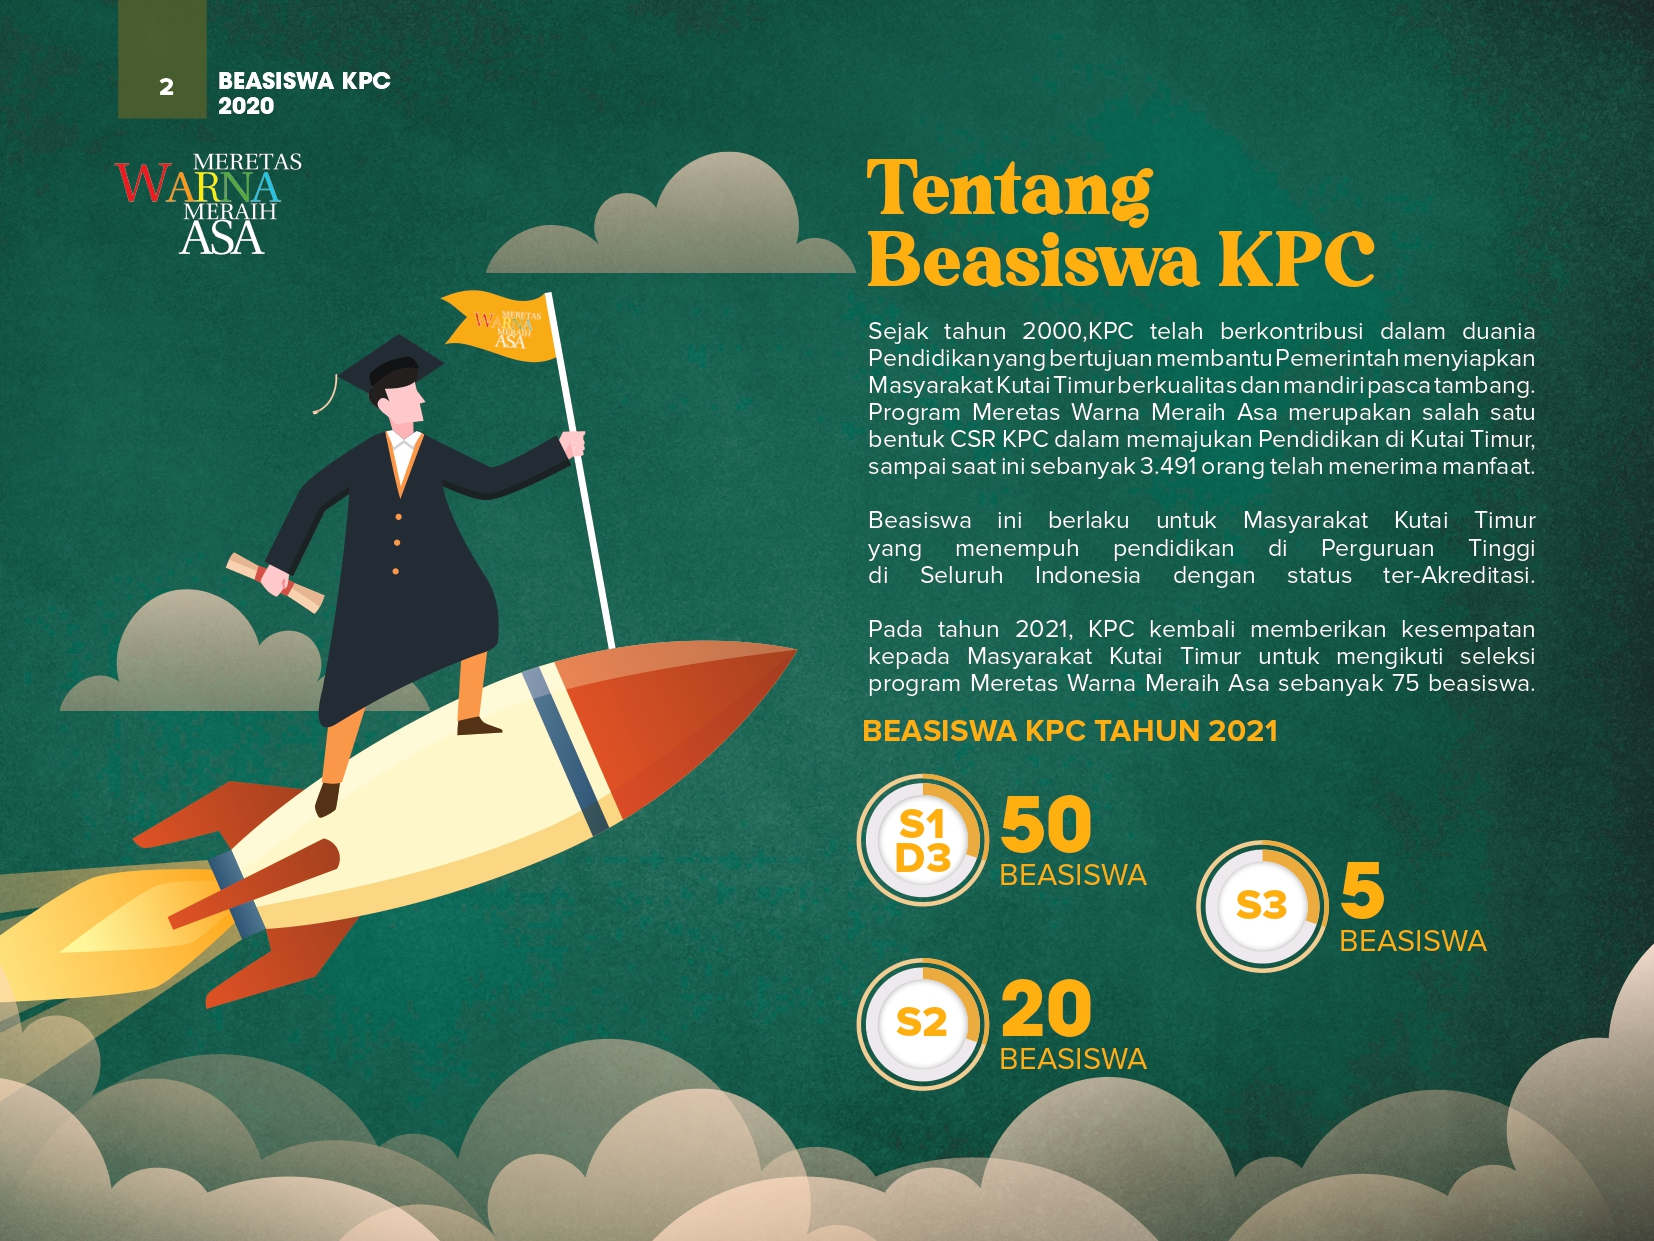 Beasiswa KPC 2021 2022